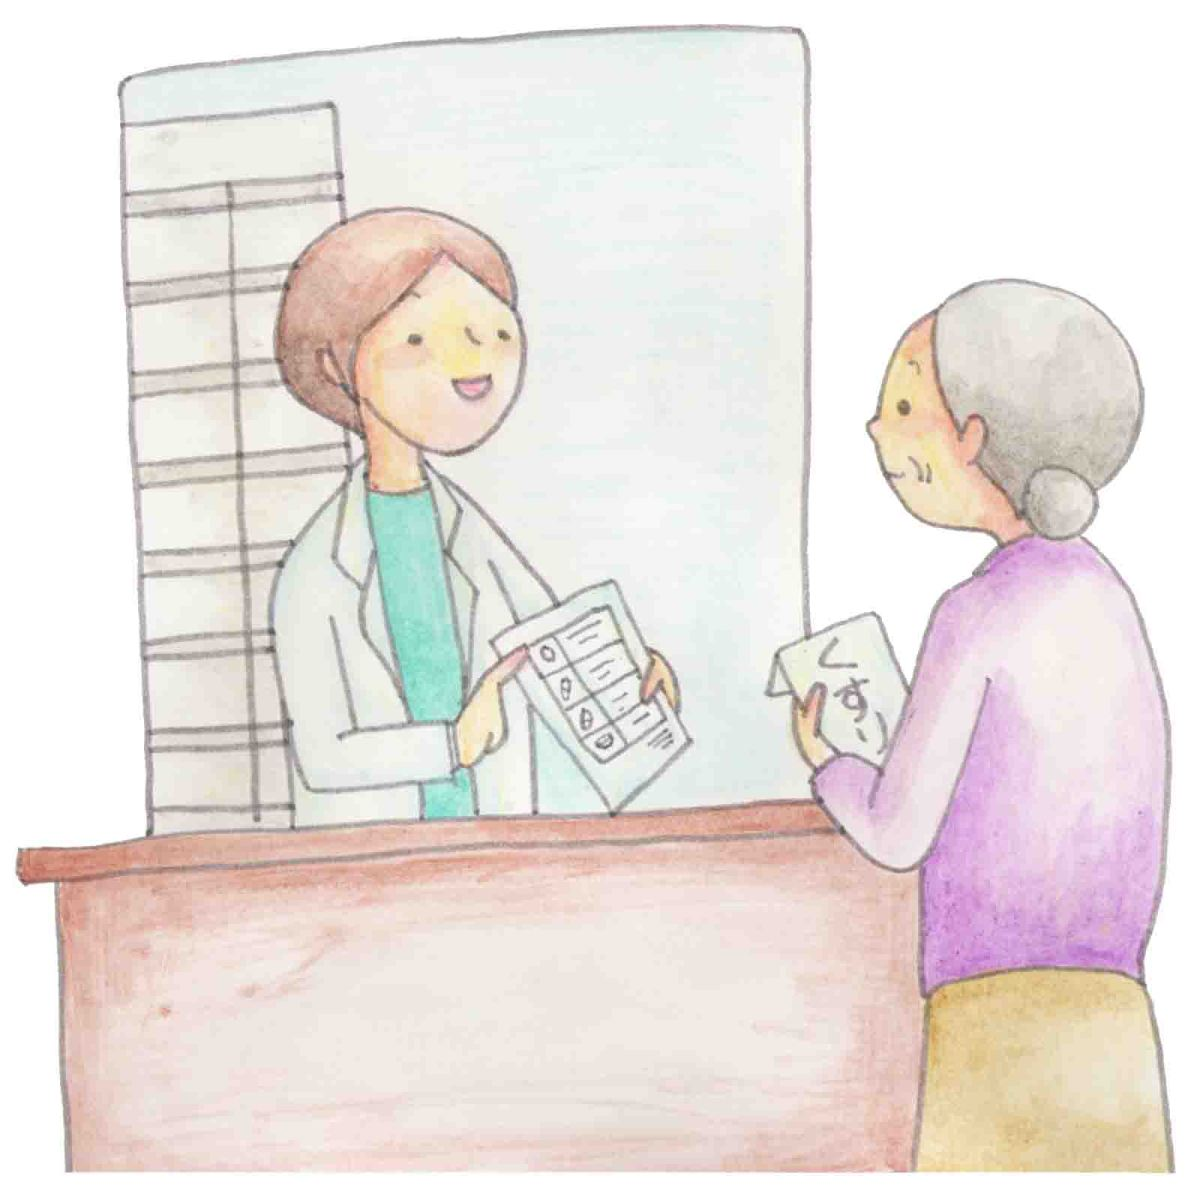 薬剤師の免許申請の方法 急いで申請しよう